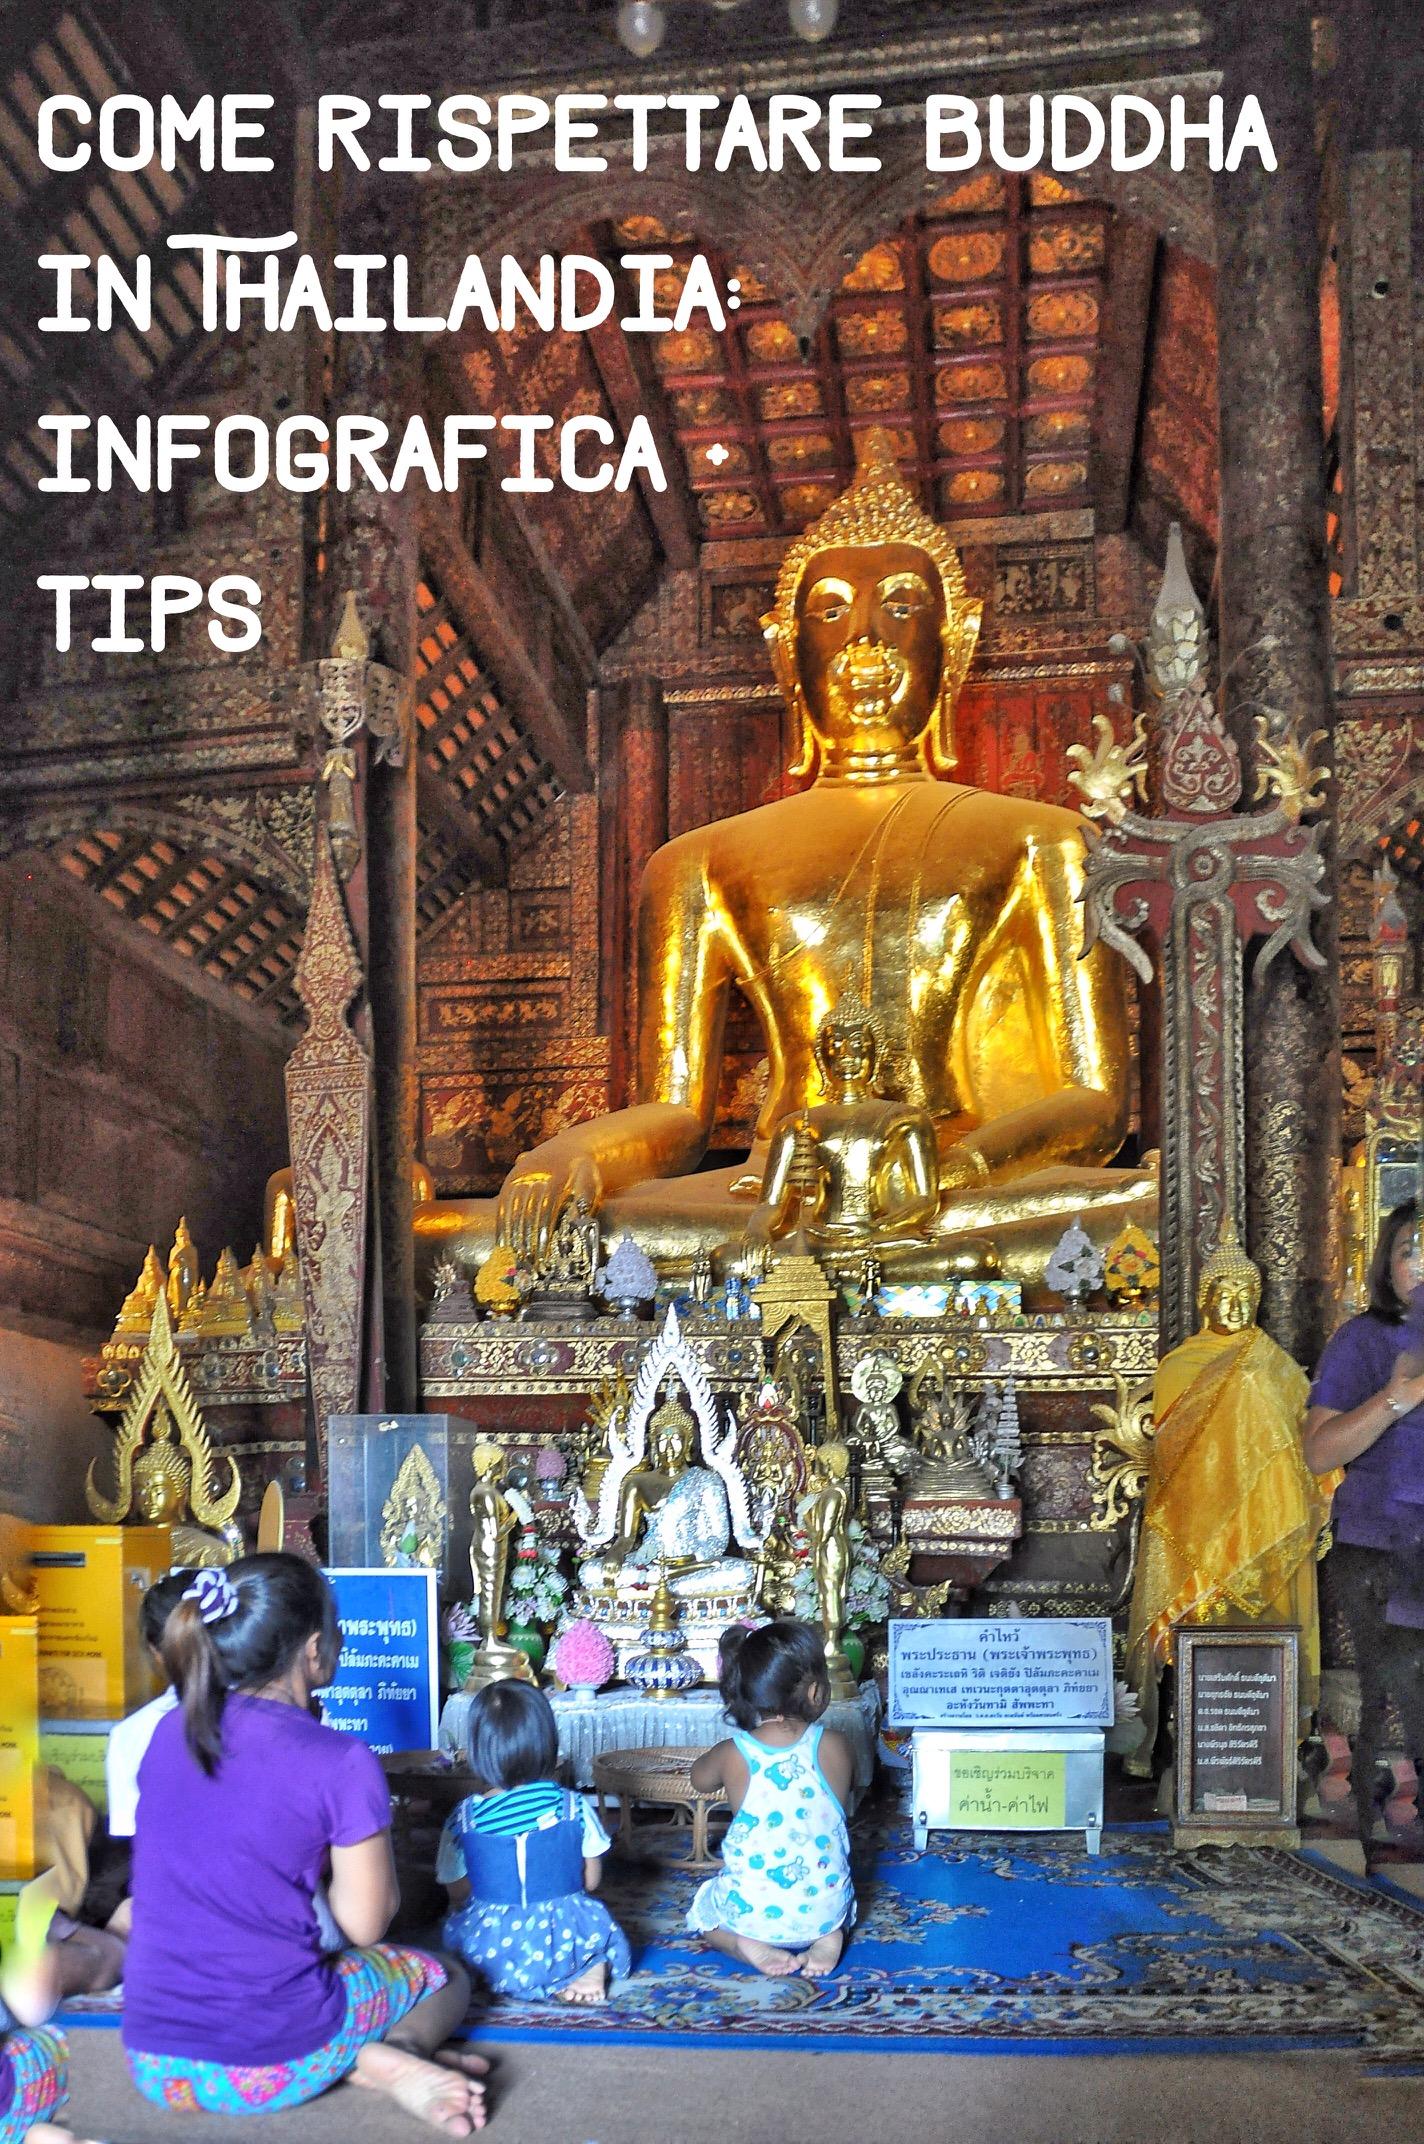 Galateo in viaggio: come rispettare Buddha in Thailandia, al tempio e fuori – INFOGRAFICA